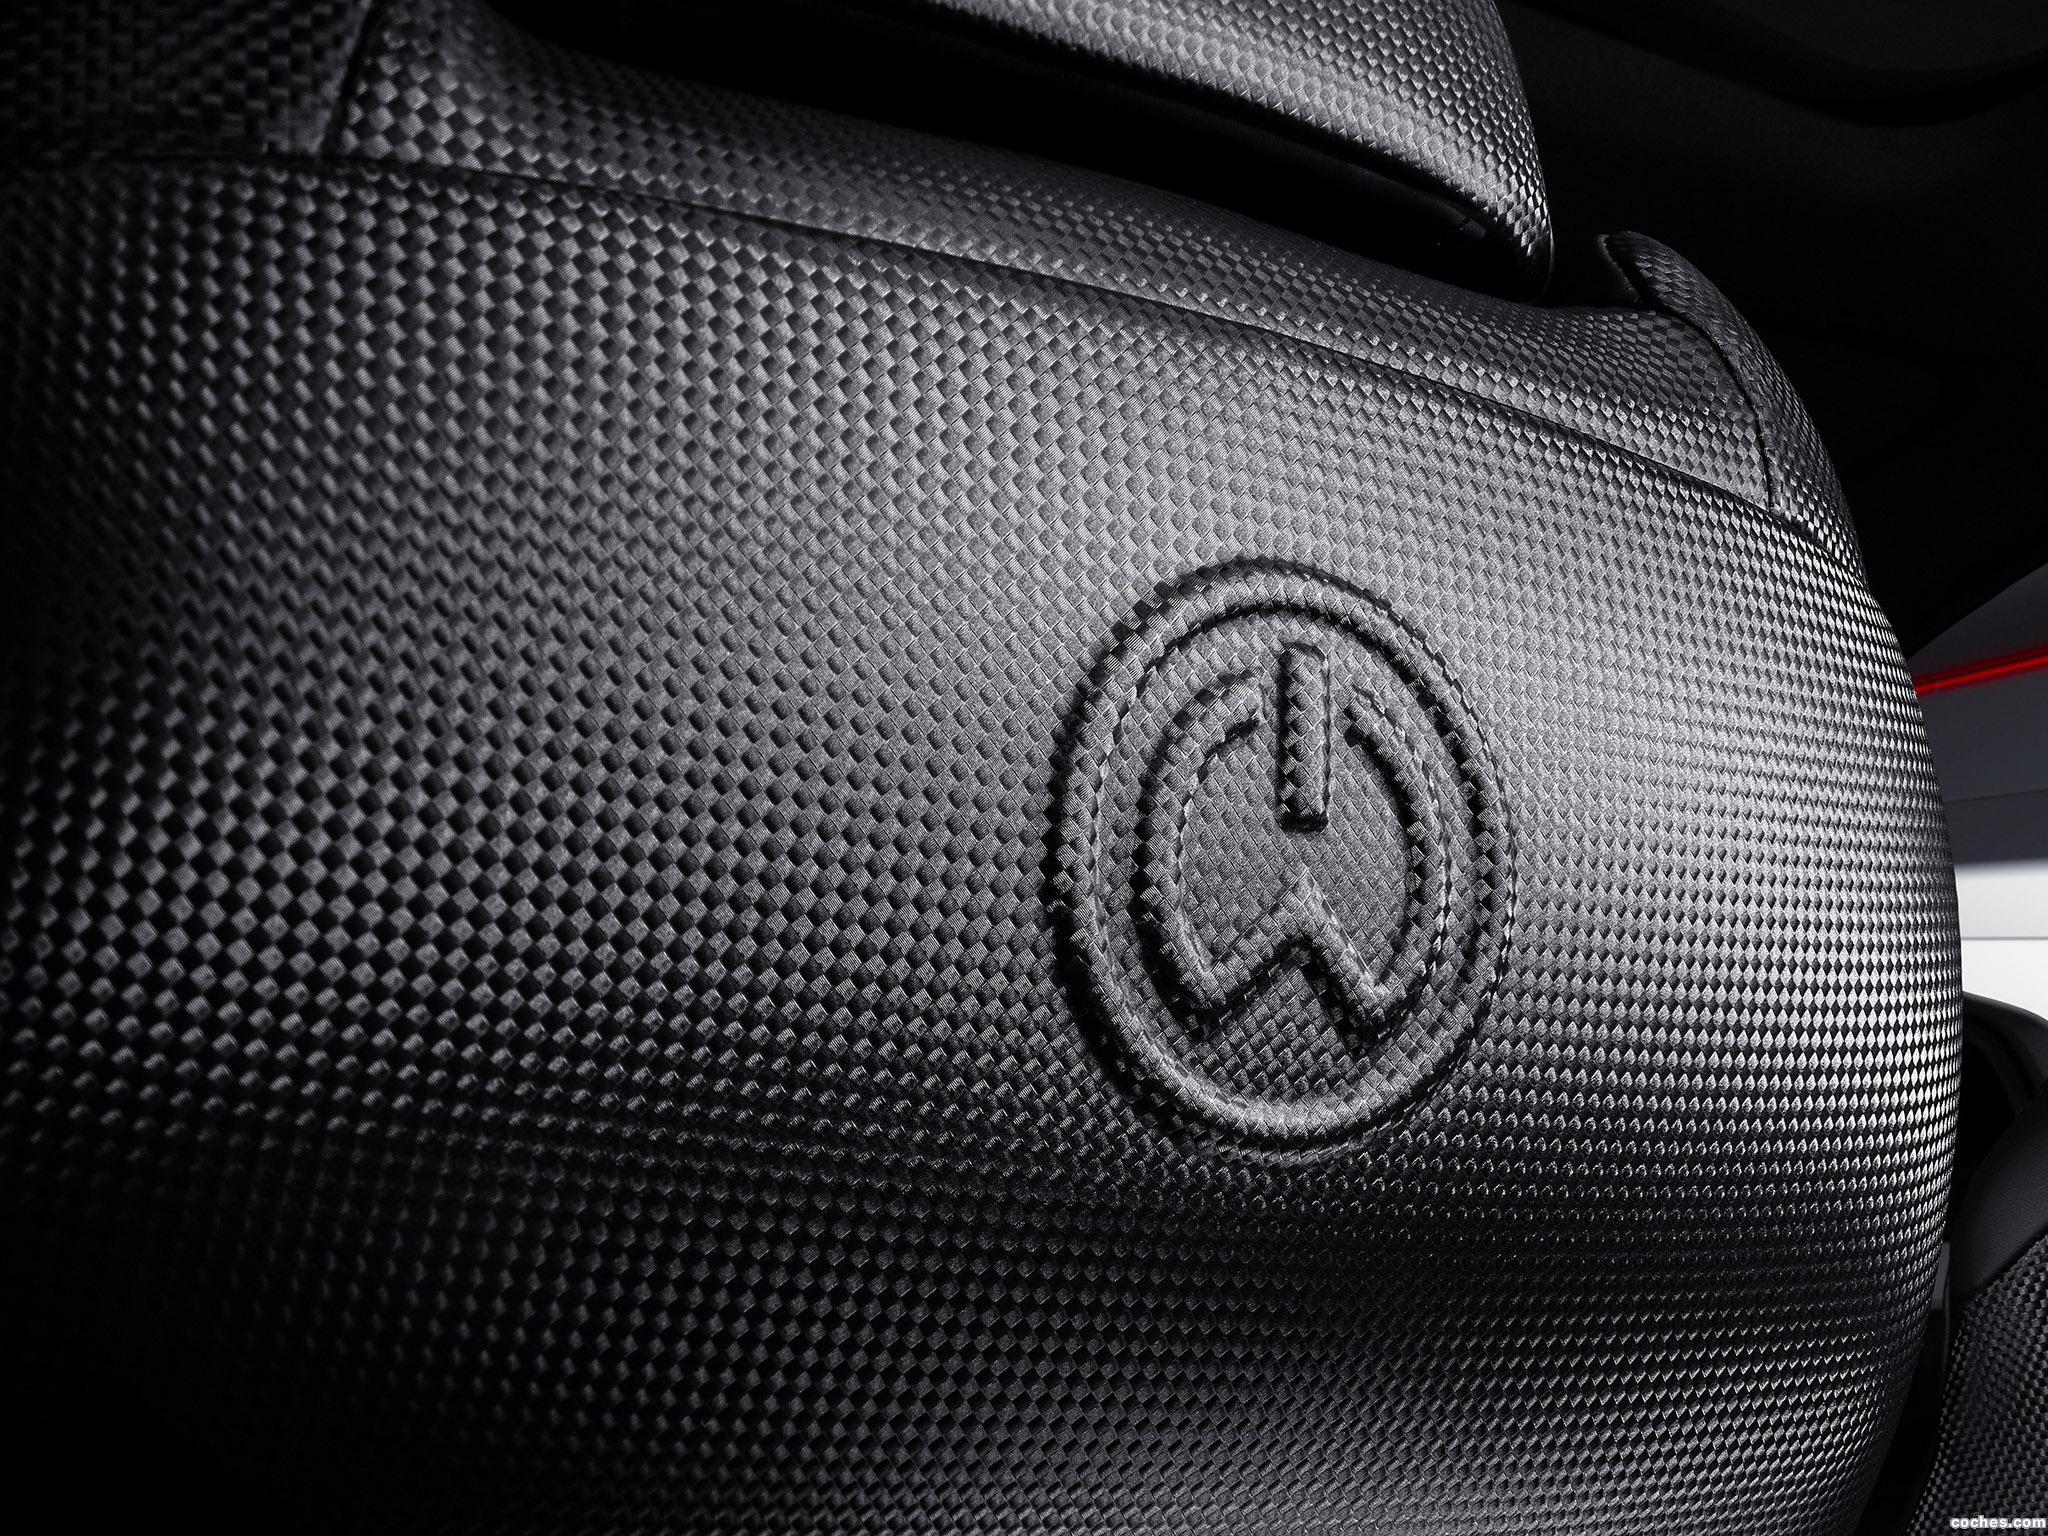 Foto 4 de Lexus NX 200T by Will I Am 2014